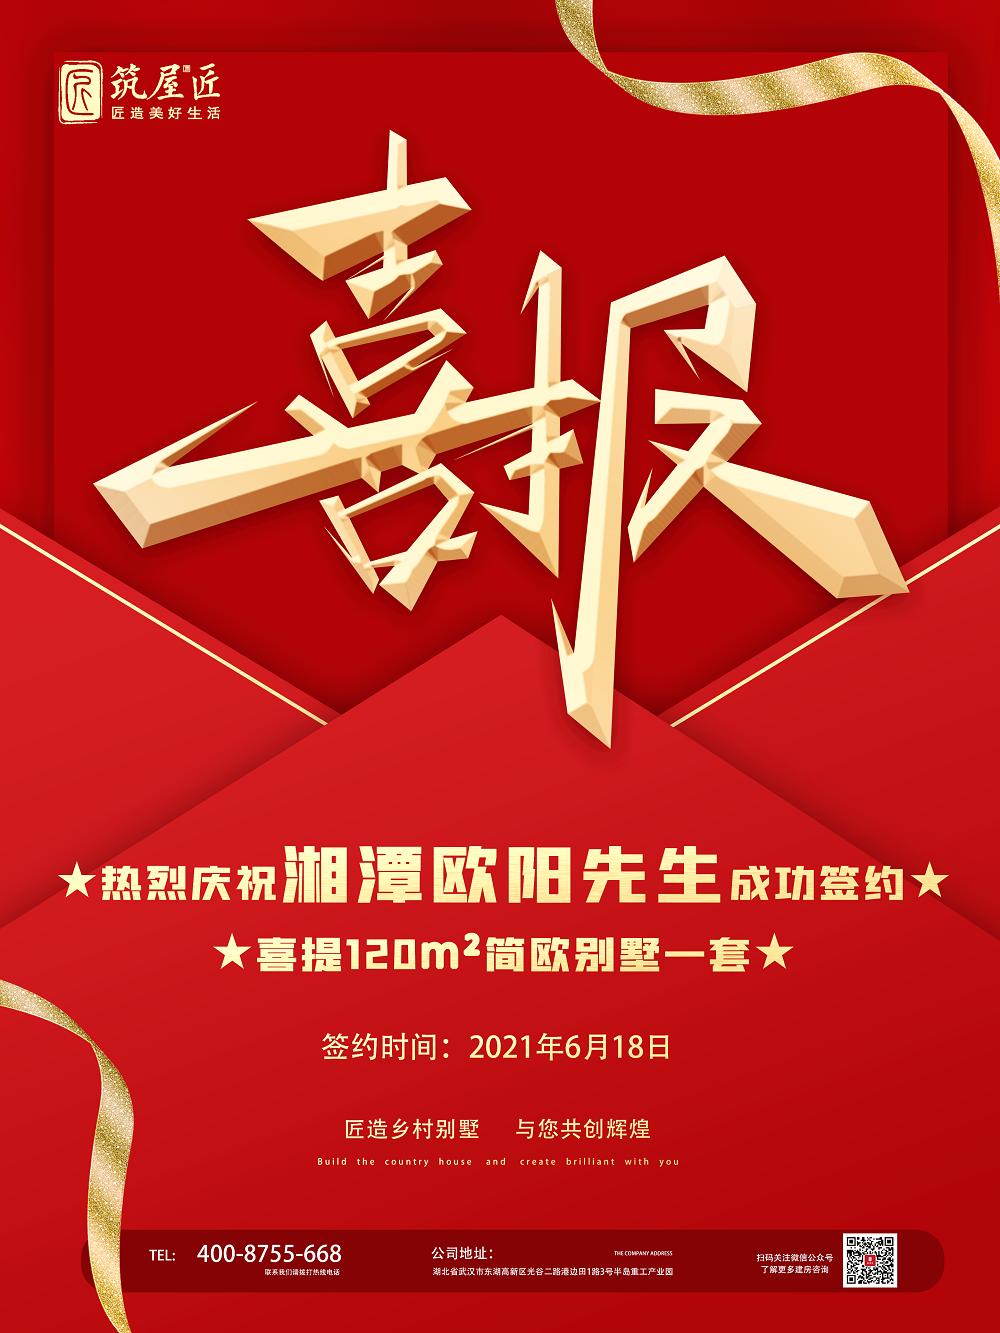 筑屋匠祝贺湖南湘潭的欧阳先生喜提别墅一套!